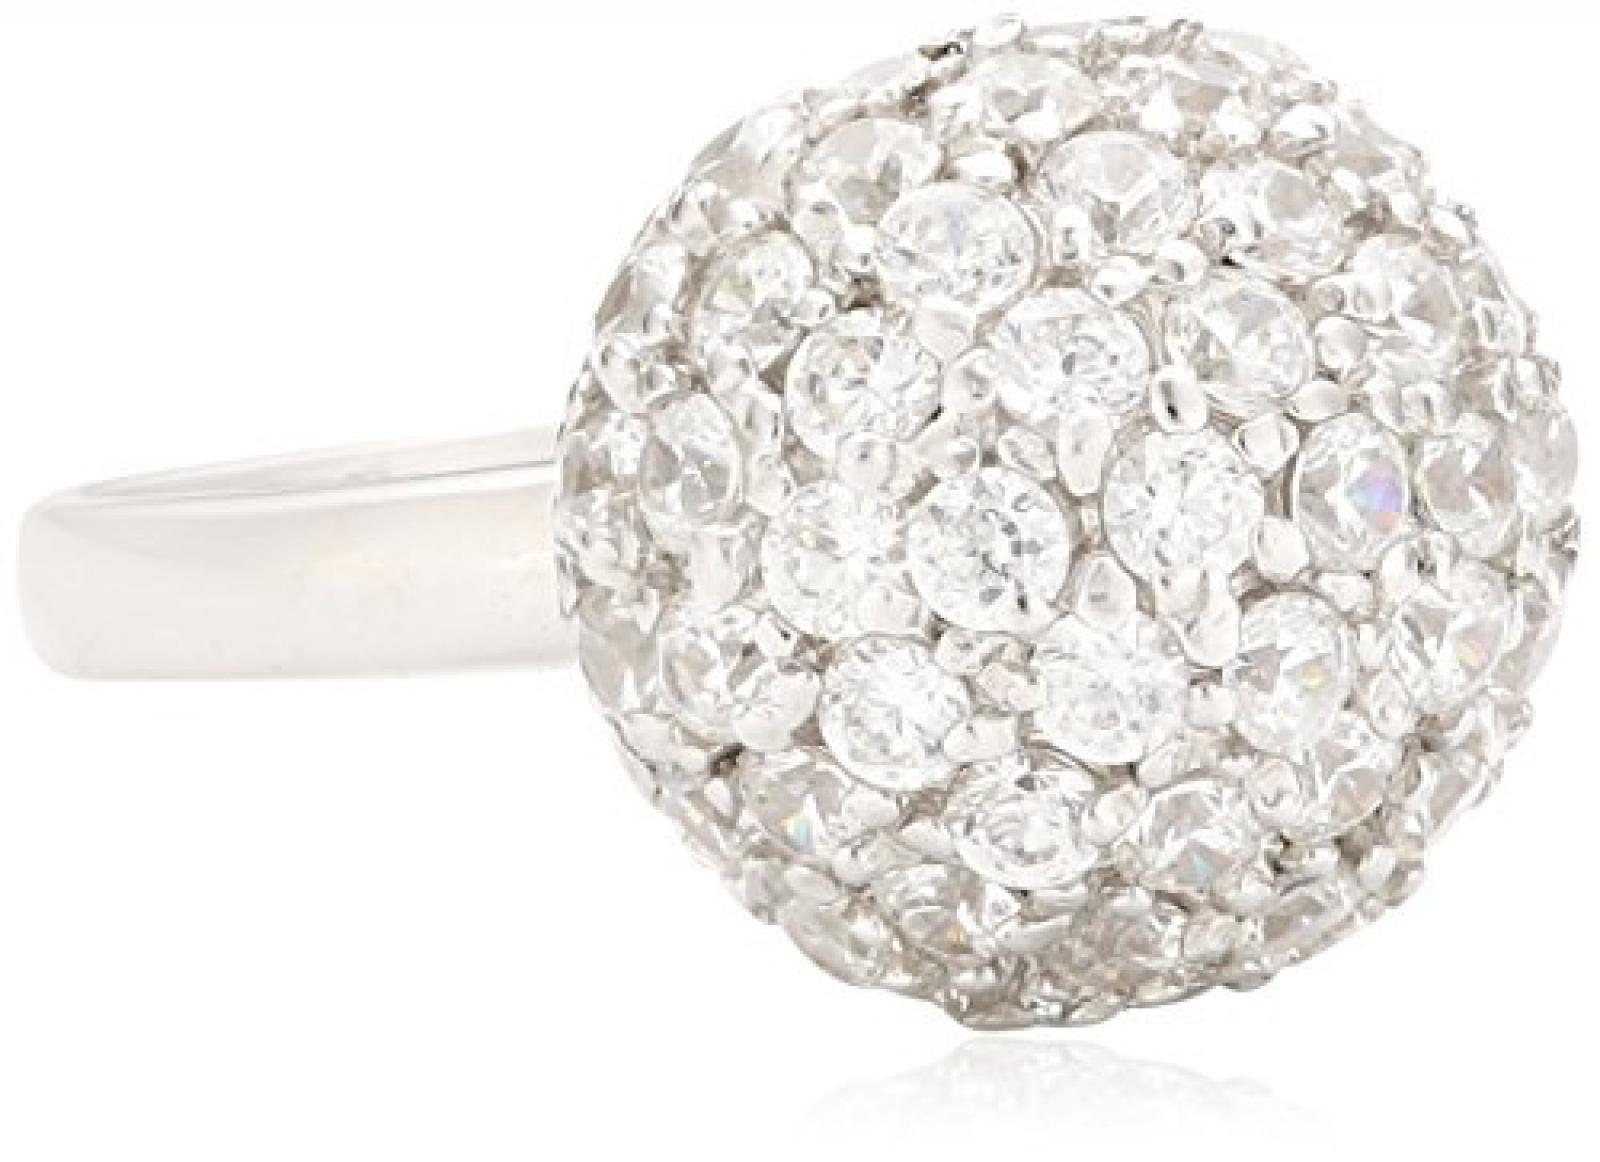 Celesta - Damenring Kugel aus 925er Sterling Silber und 68 weißen Zirkonias